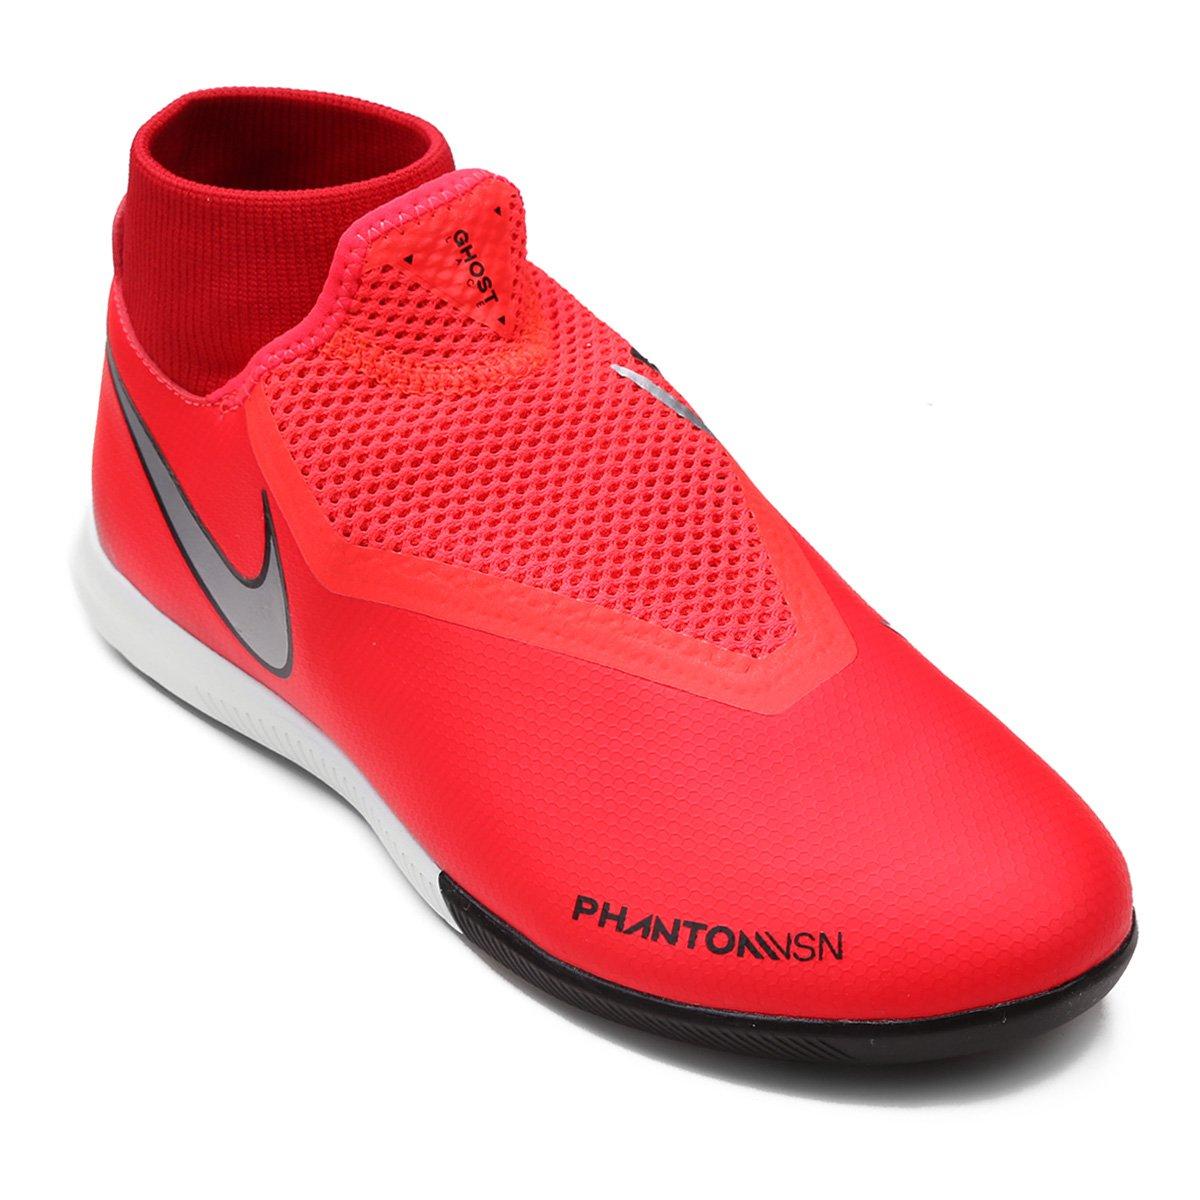 67ae504f8c Chuteira Futsal Nike Phantom Vision Academy DF IC